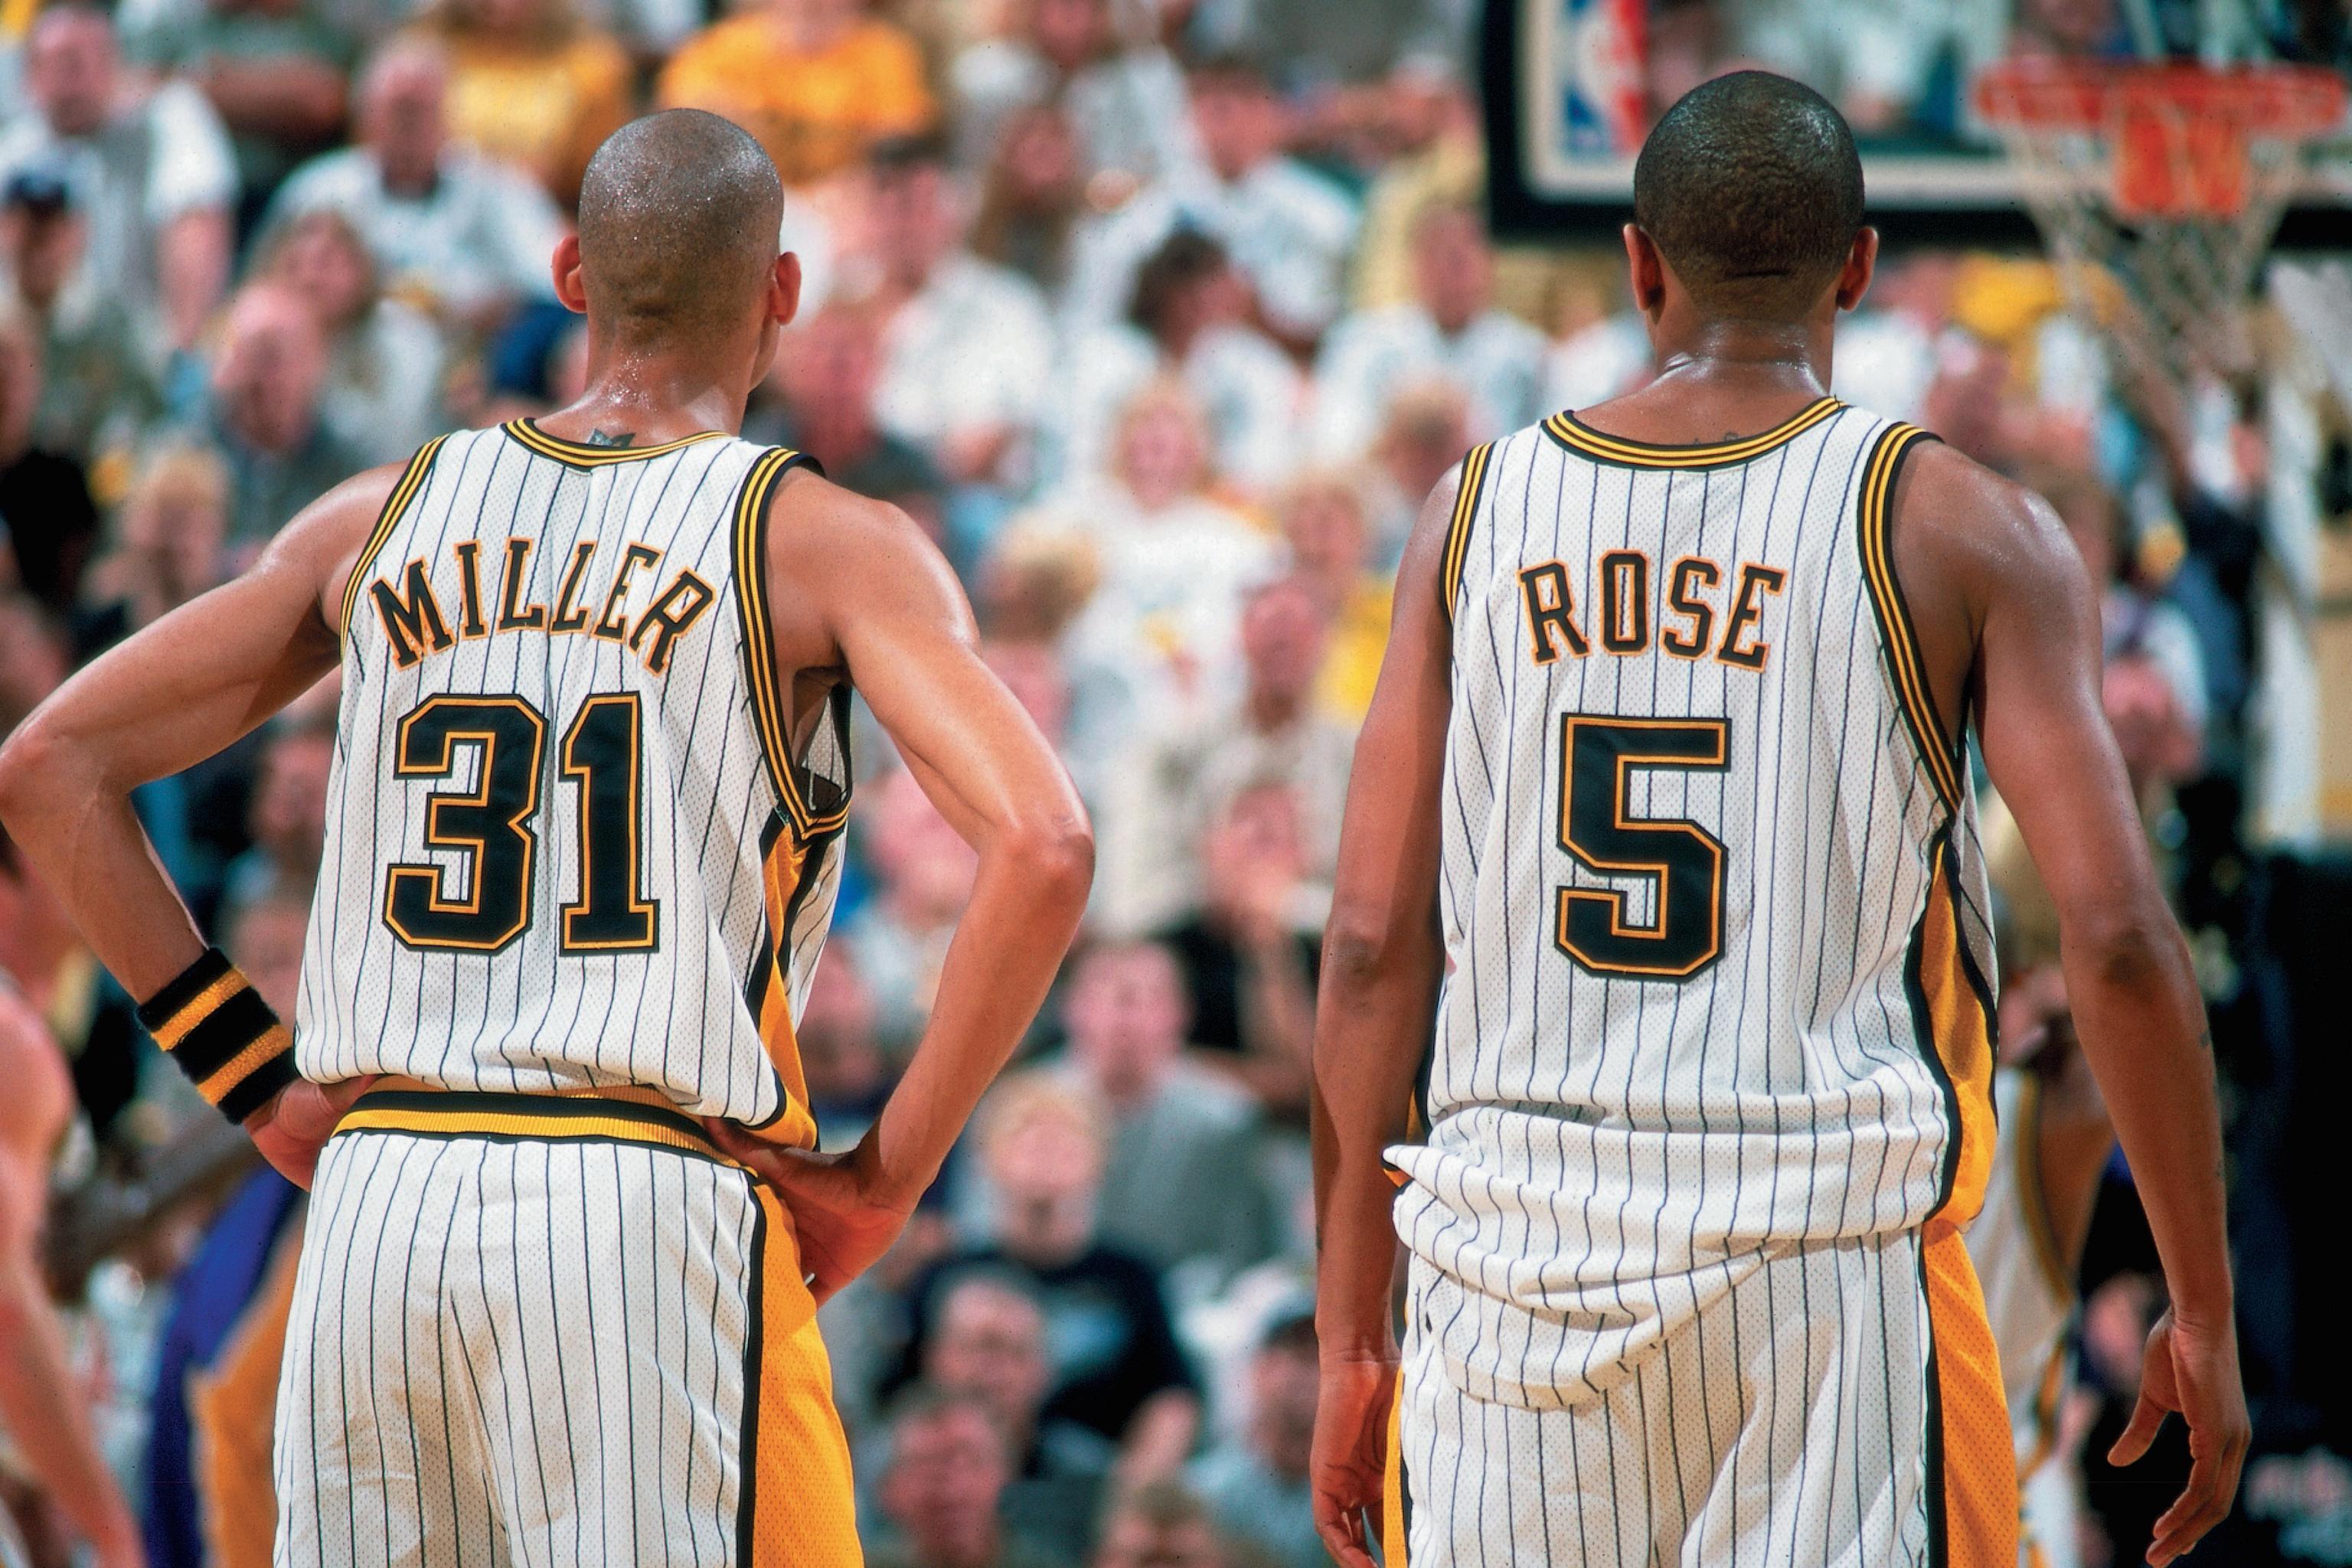 2000年今天,雷吉-米勒与杰伦-罗斯季后赛同时得到40分